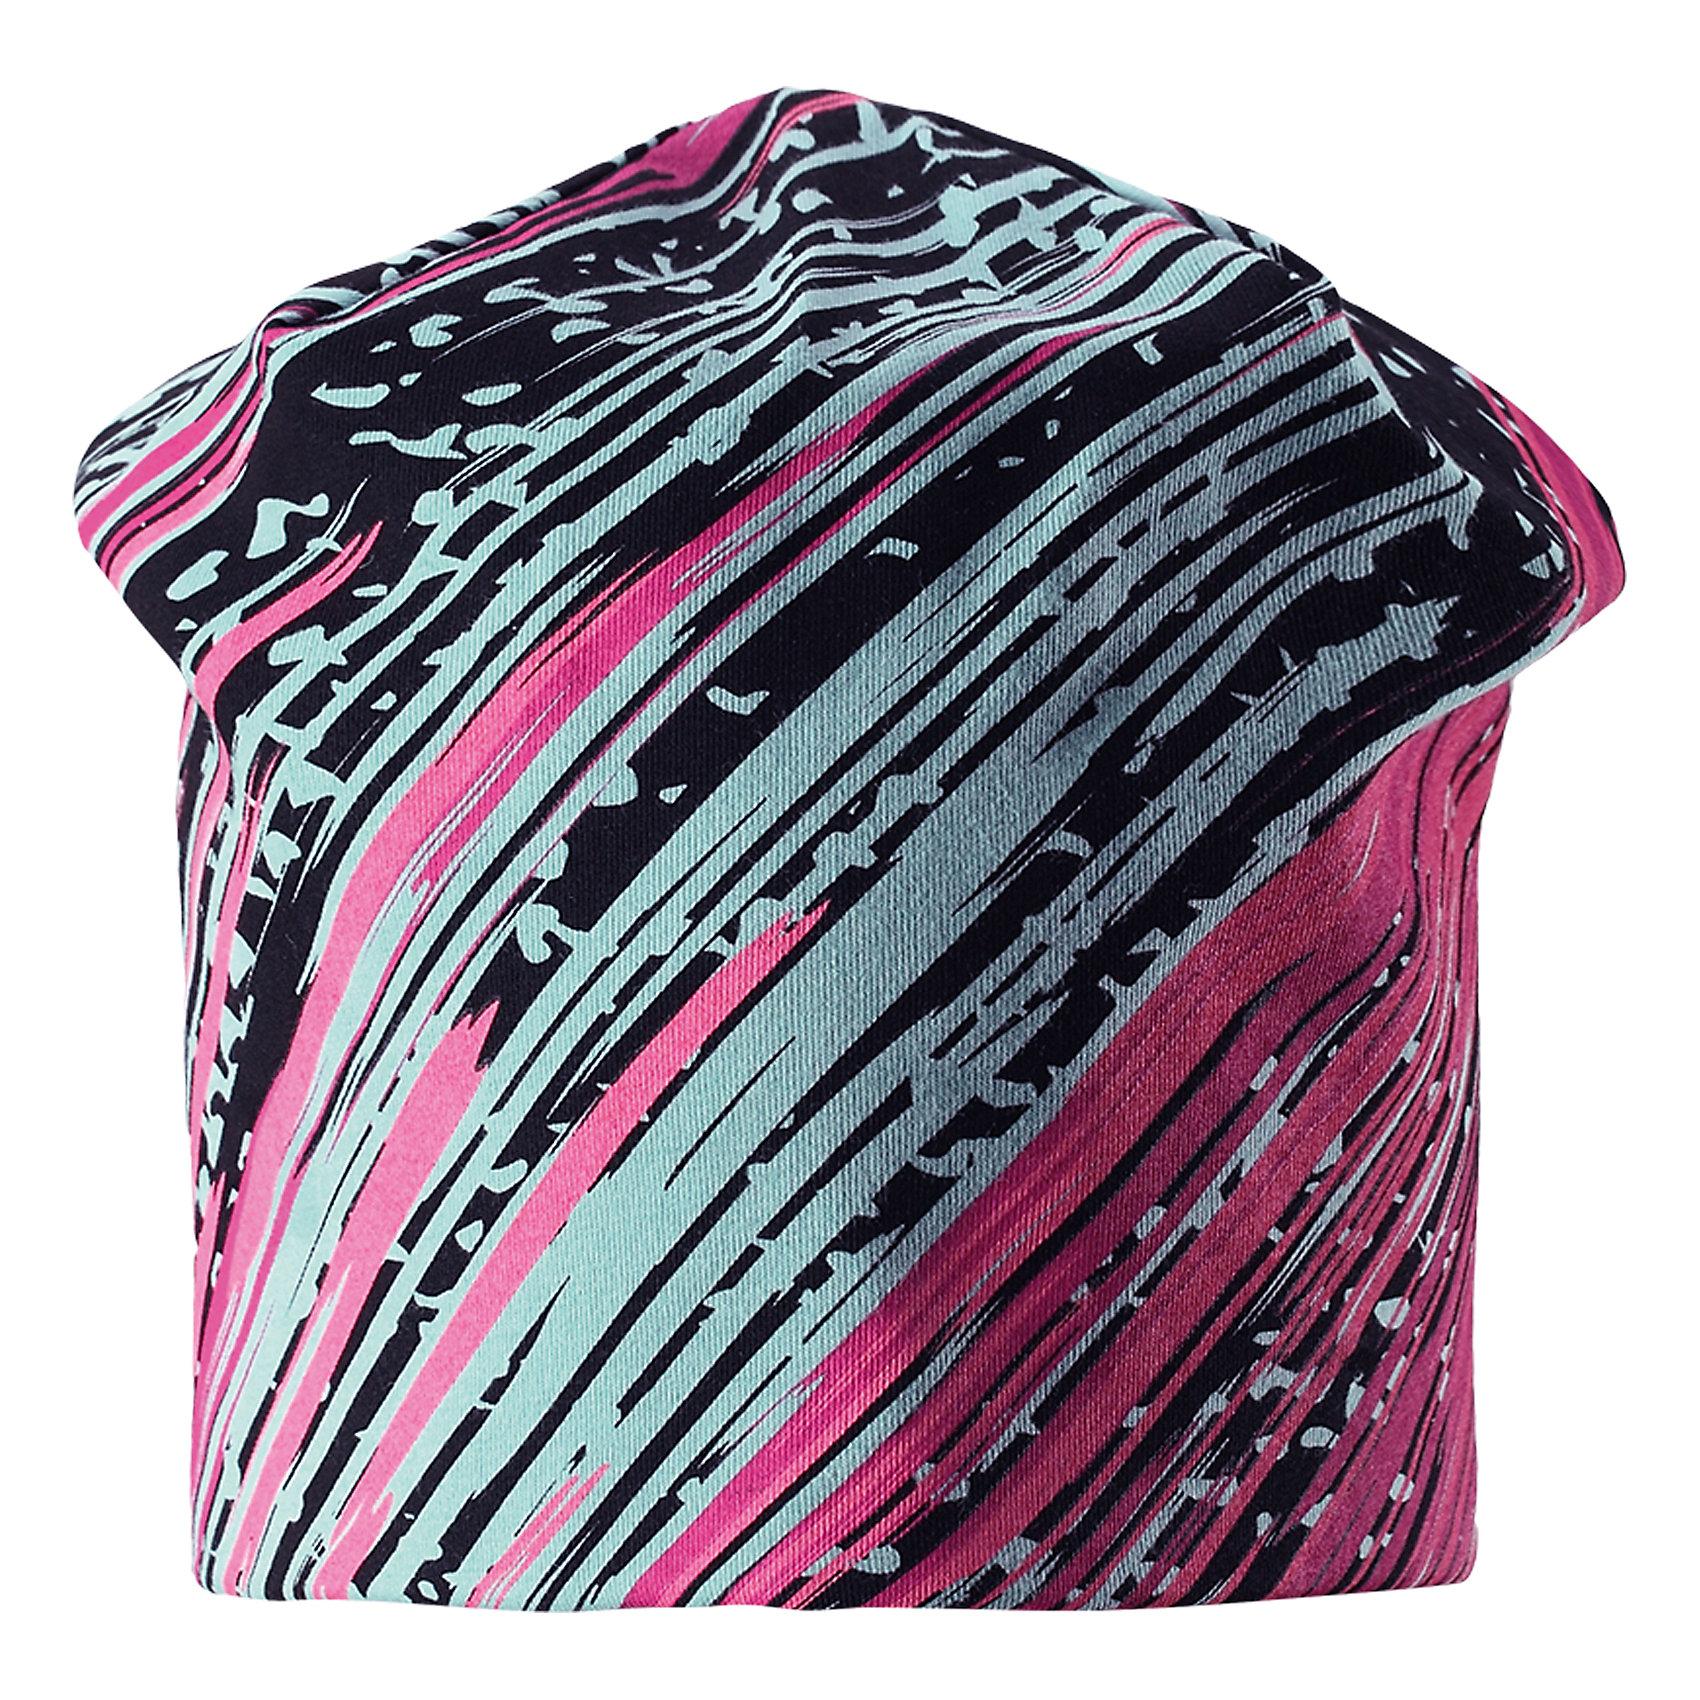 Шапка LassieШапки и шарфы<br>Удобная детская шапка с помпоном просто незаменима осенью. Ветронепроницаемые вставки в области ушей защищают от холодного ветра, а светоотражающая эмблема Lassie® спереди позволяет лучше разглядеть ребенка в темное время суток. Шапка из плотного джерси, с подкладкой из быстросохнущего флиса, станет идеальным вариантом для осенних прогулок. Вы можете легко сочетать эту шапку с другими вашими любимыми осенними нарядами!<br>Состав:<br>95% Хлопок, 5% Эластан<br><br>Ширина мм: 89<br>Глубина мм: 117<br>Высота мм: 44<br>Вес г: 155<br>Цвет: розовый<br>Возраст от месяцев: 72<br>Возраст до месяцев: 144<br>Пол: Унисекс<br>Возраст: Детский<br>Размер: 54-56,46-48,50-52<br>SKU: 6928101